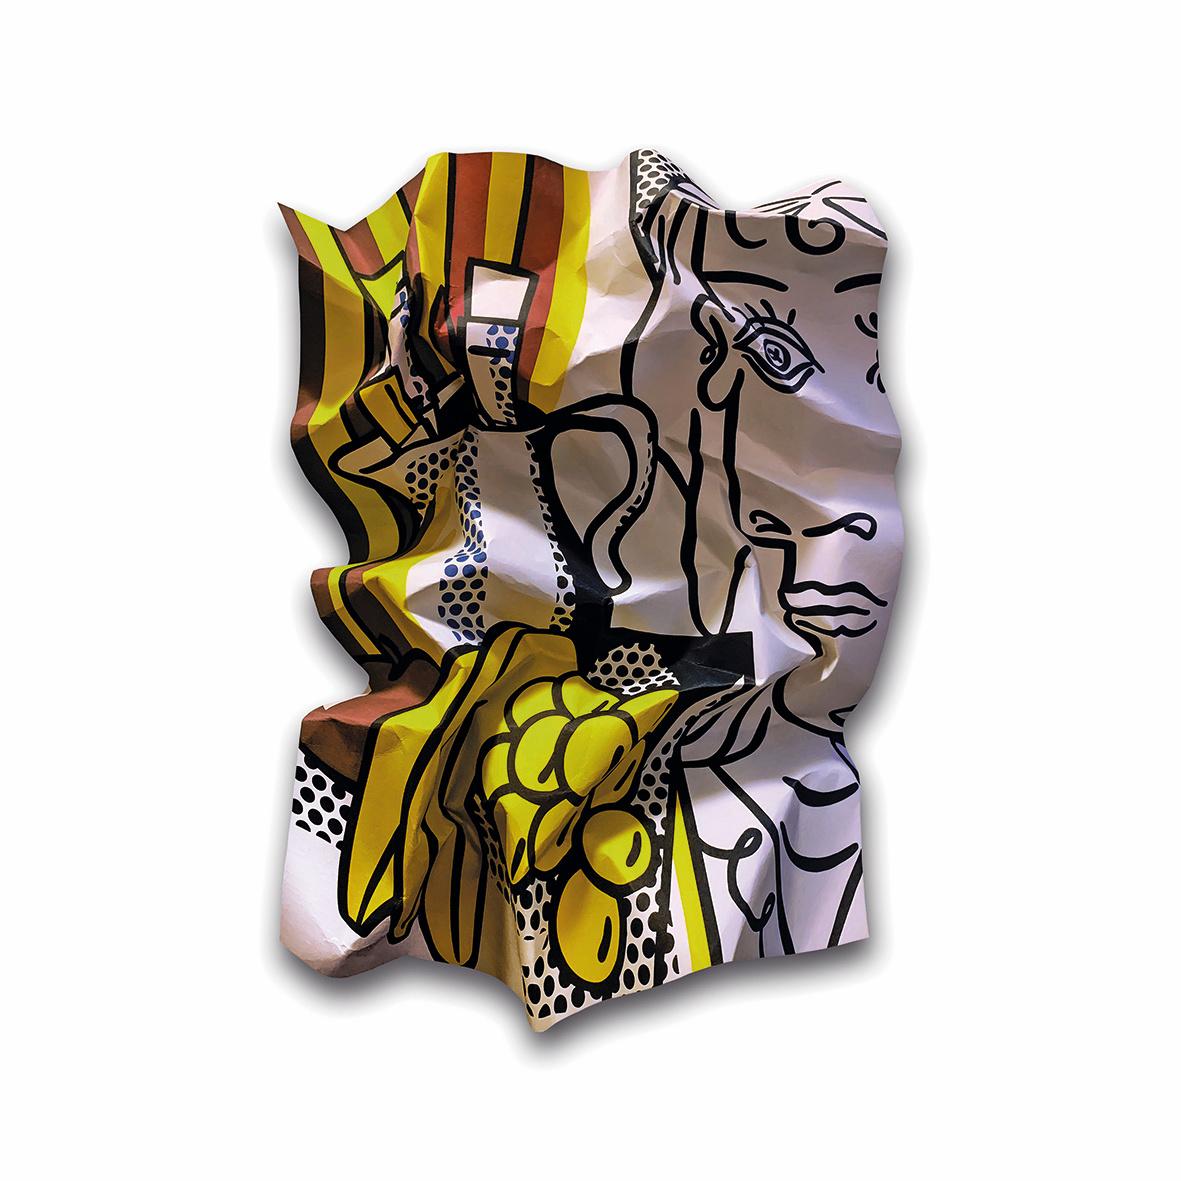 Lichtenstein 5 165 x 116